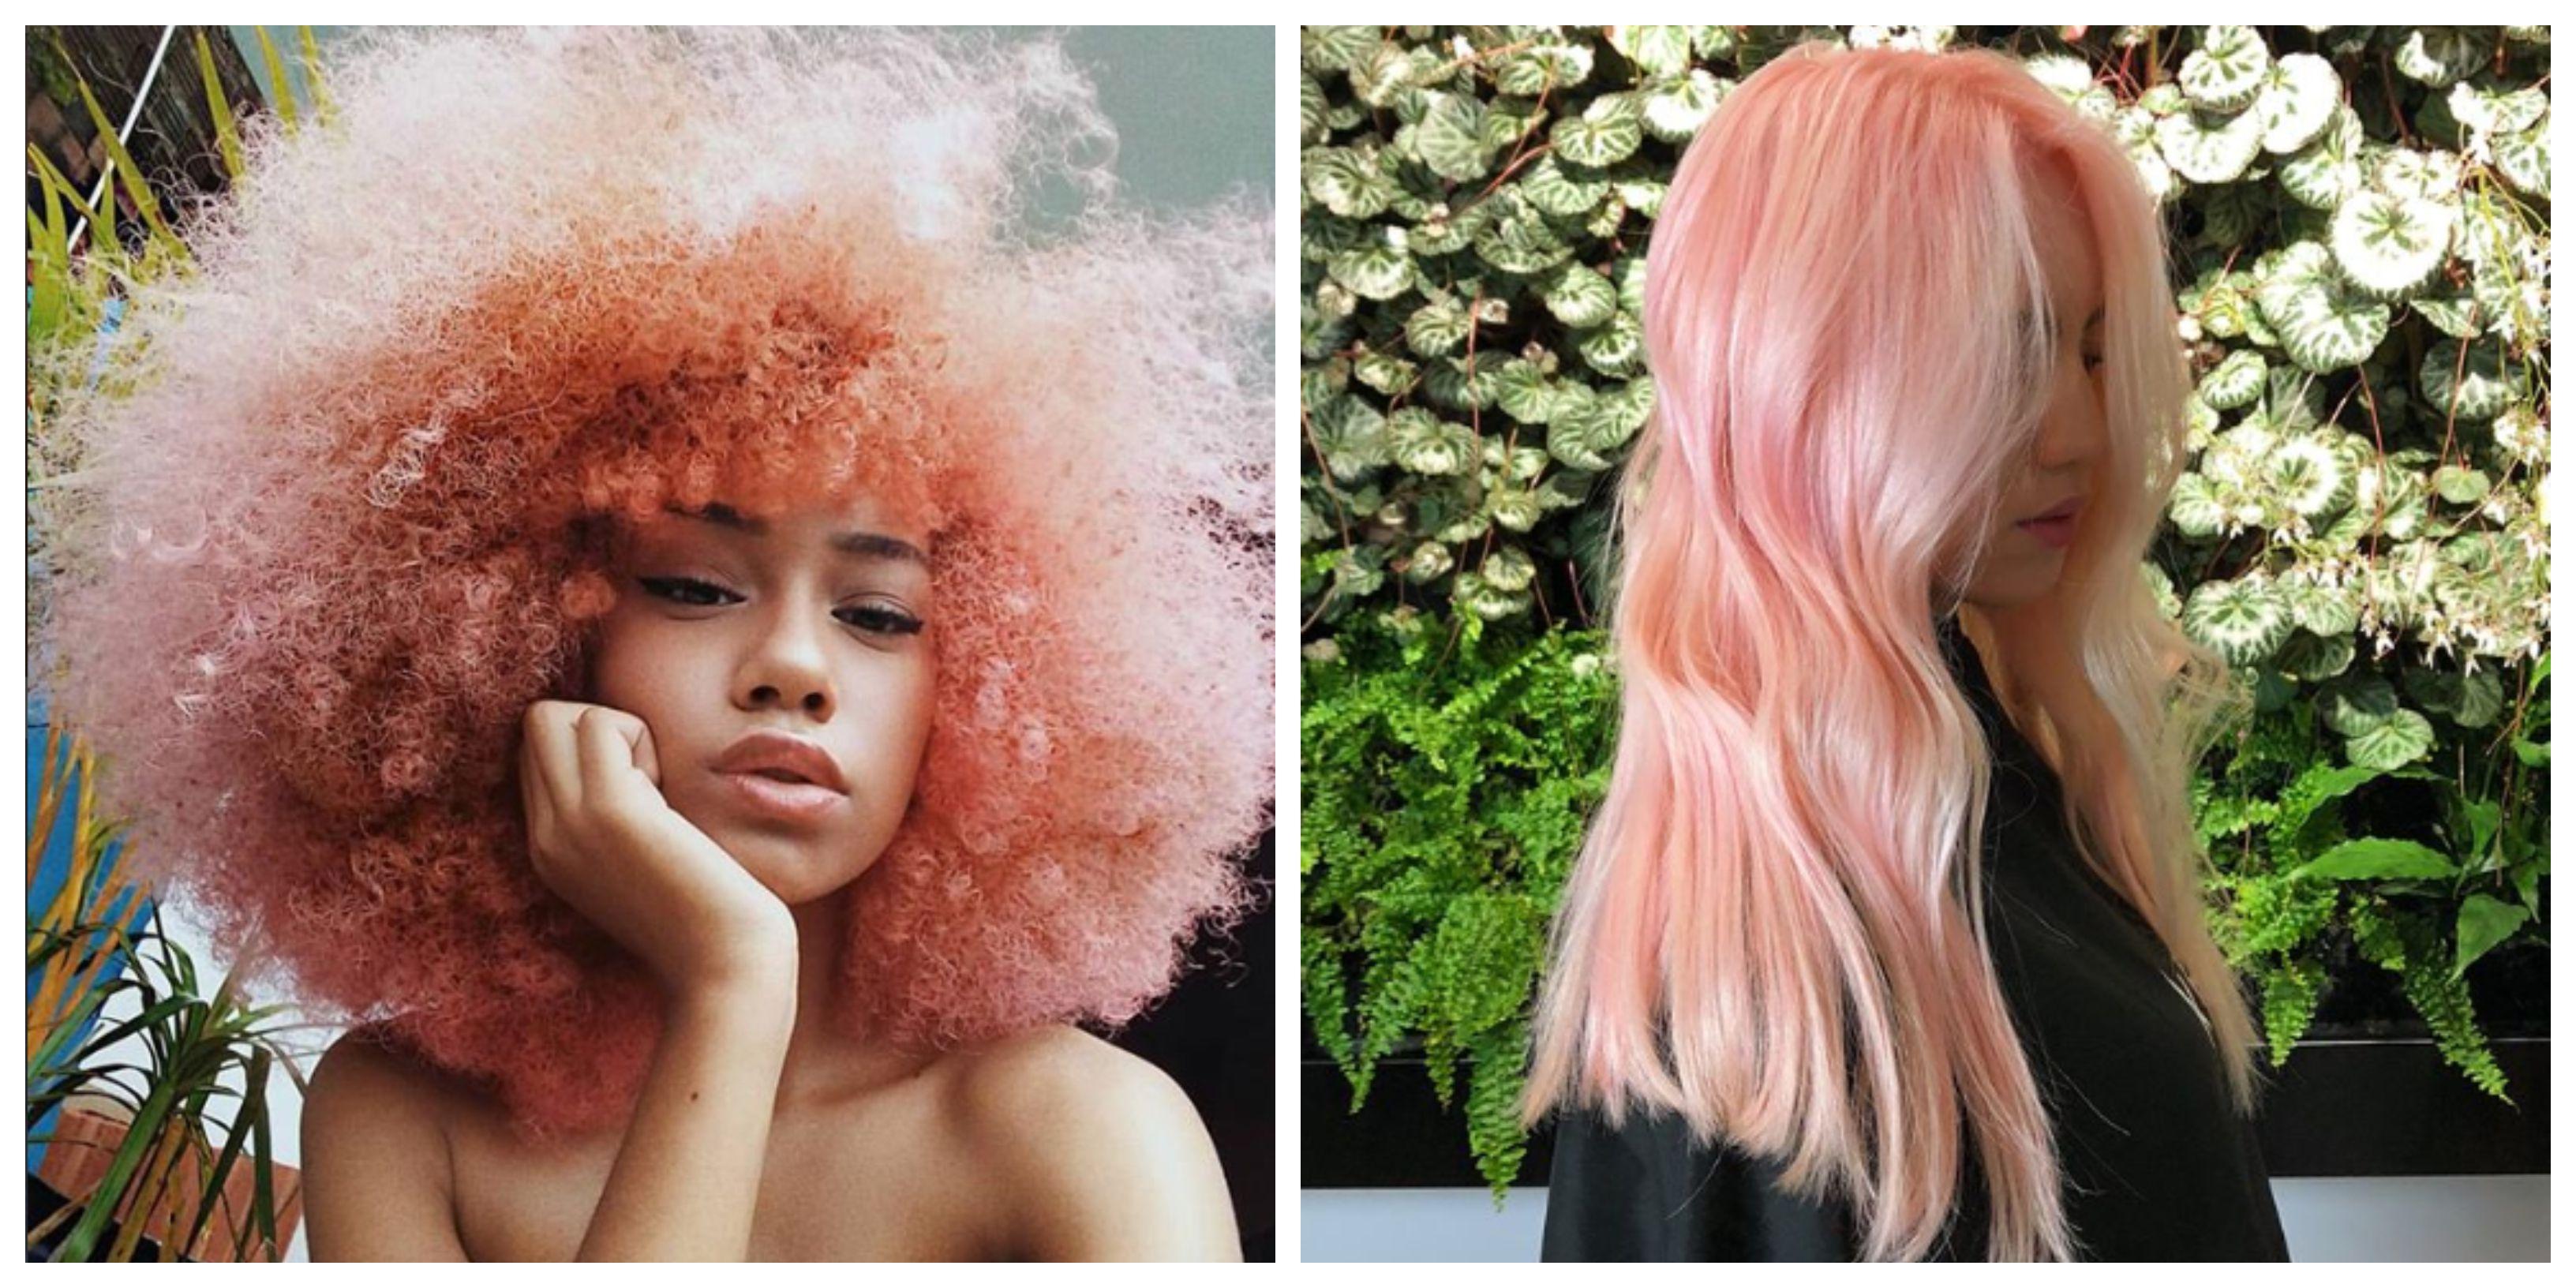 Ova boja kose pravi je ljetni hit - biste li je isfurali?